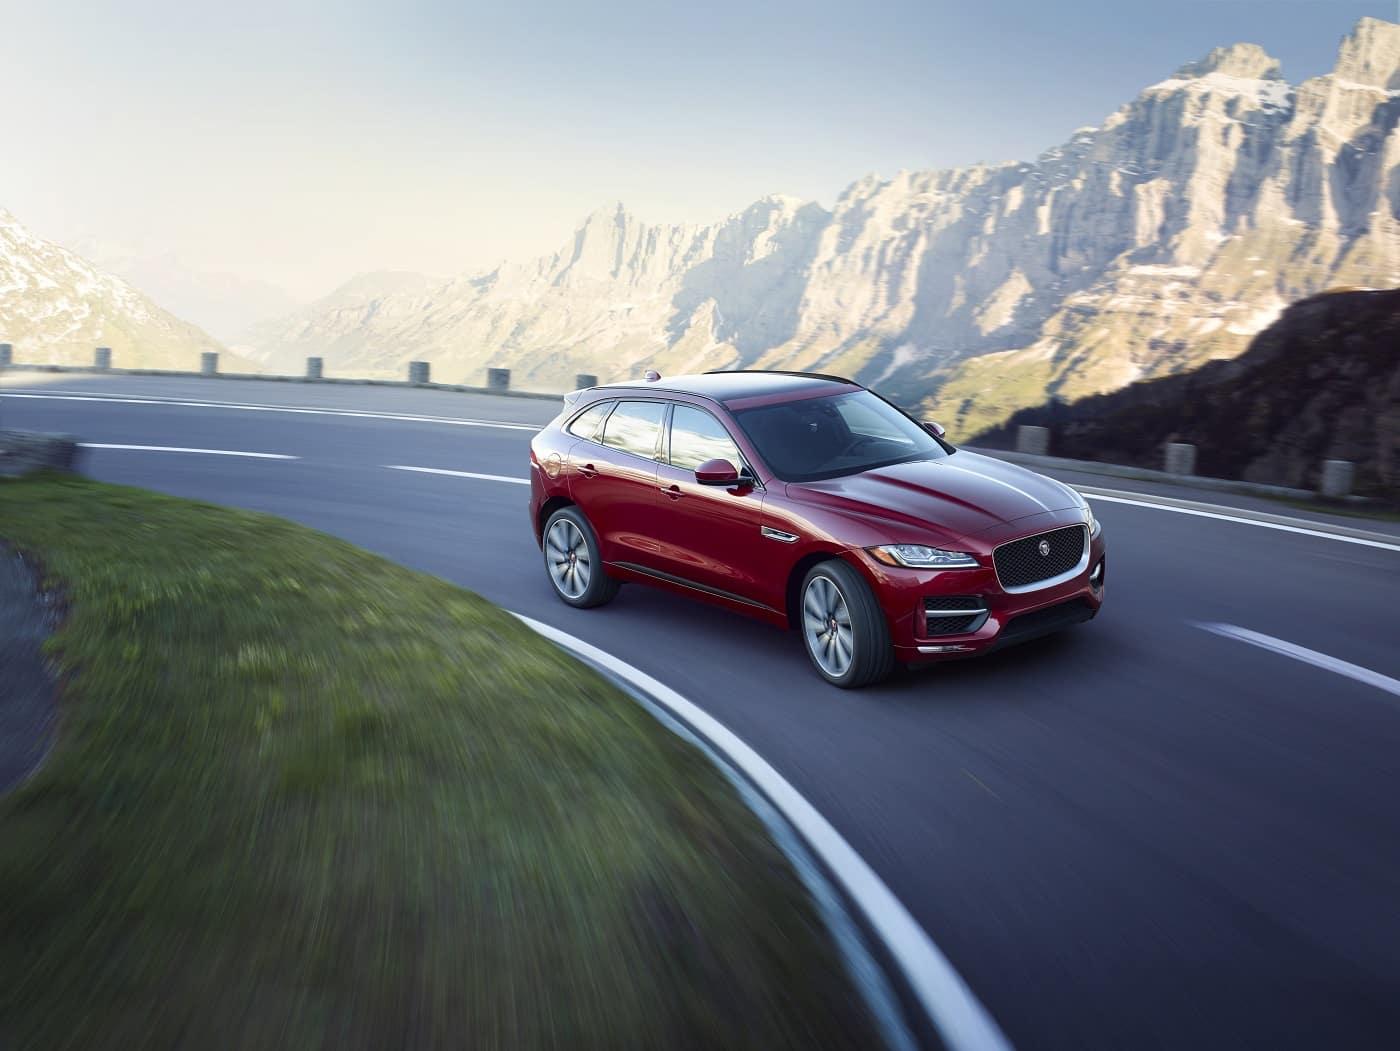 Jaguar Safety Features